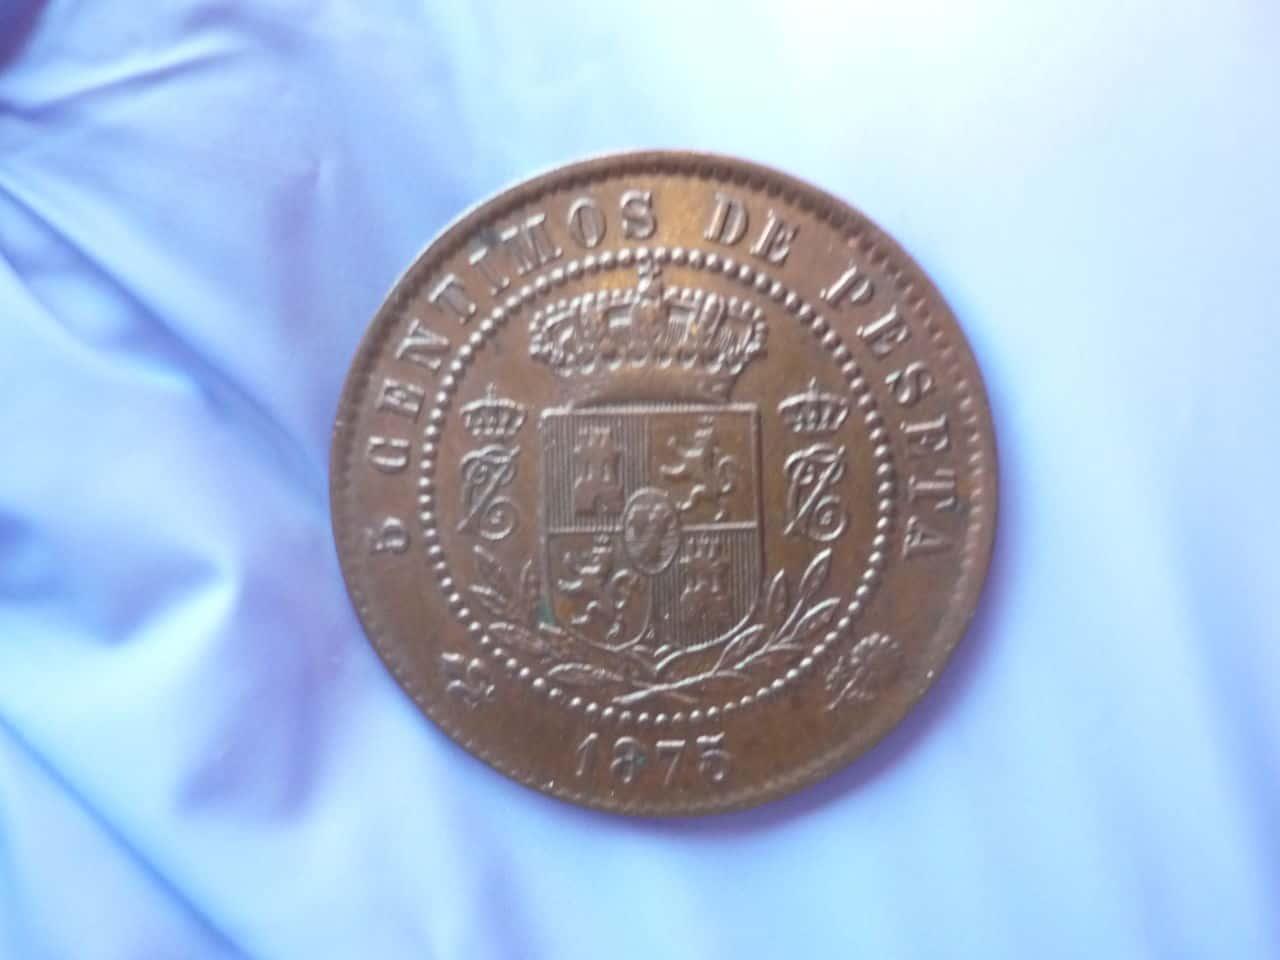 5 centimos CARLOS VII 1875 - ayuda con manchas verdes P1040282